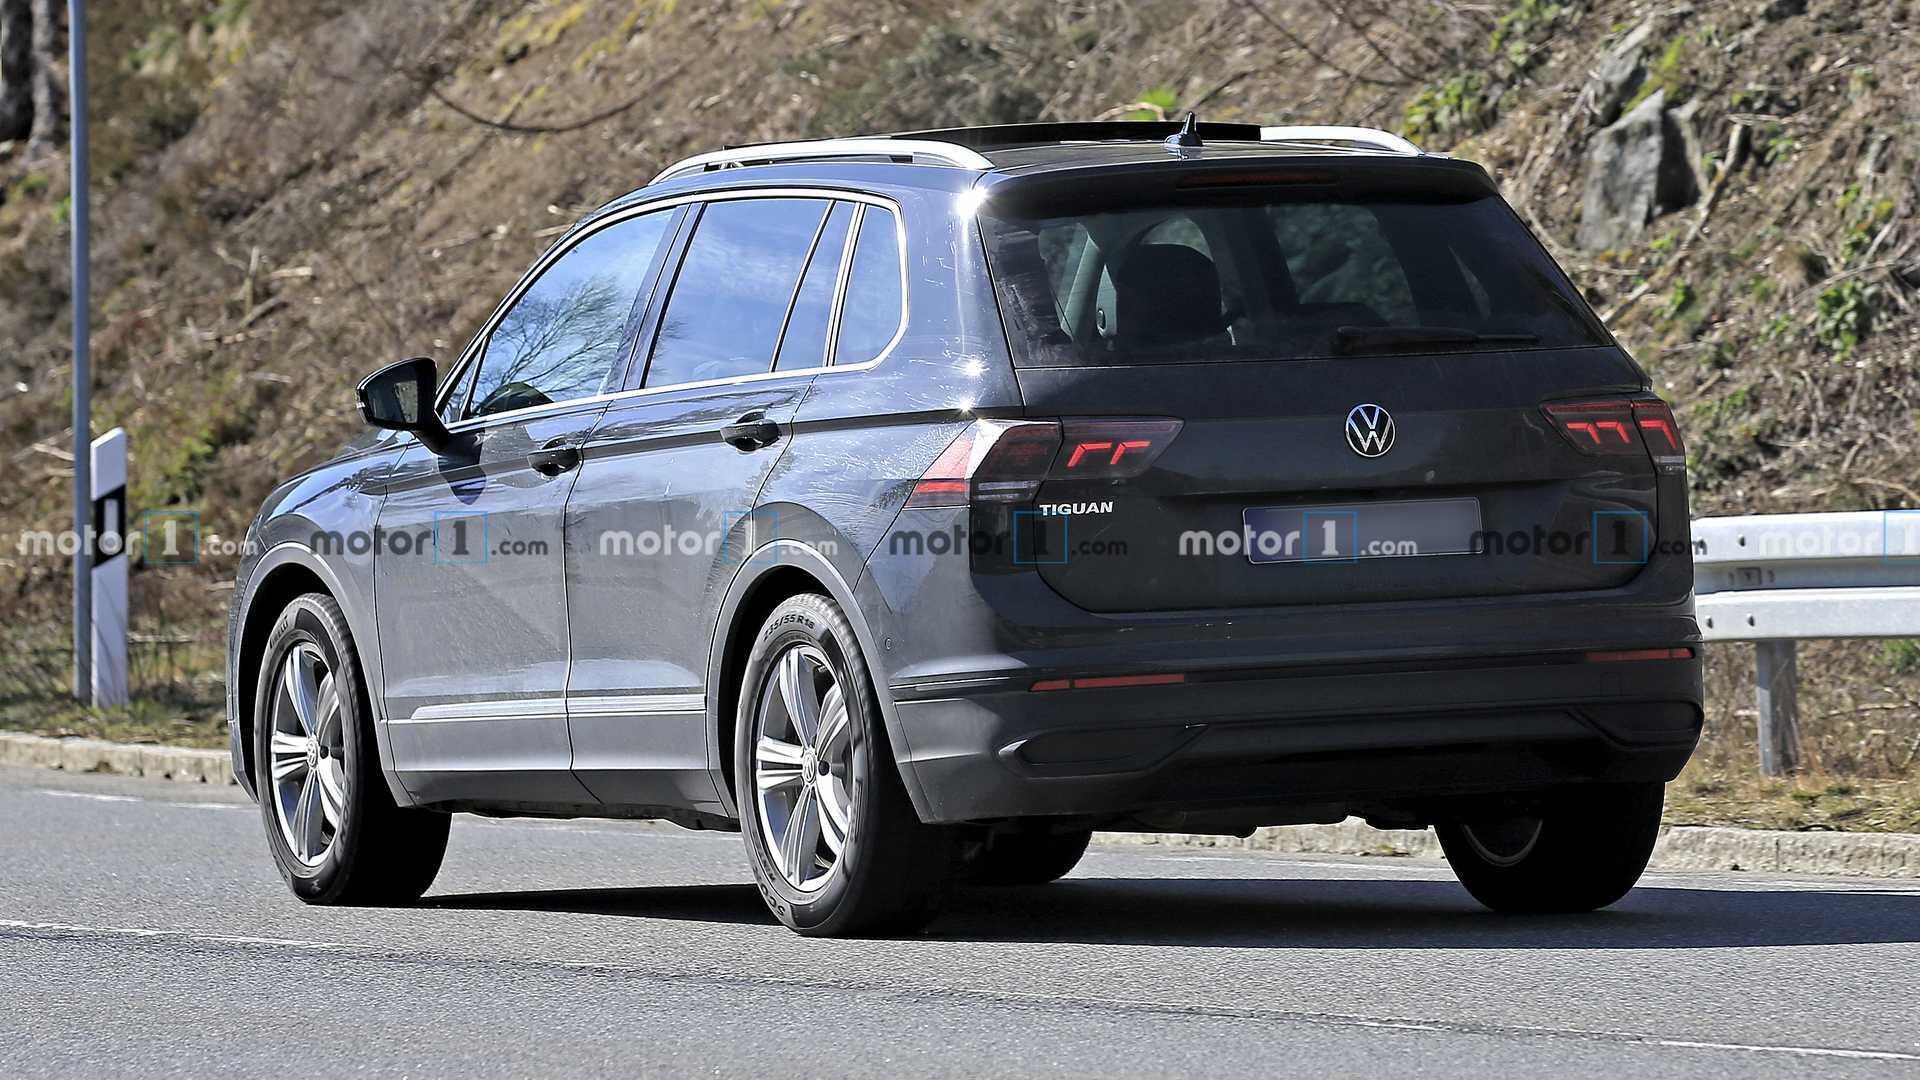 volkswagen-tiguan-facelift-spy-photo-4.jpg